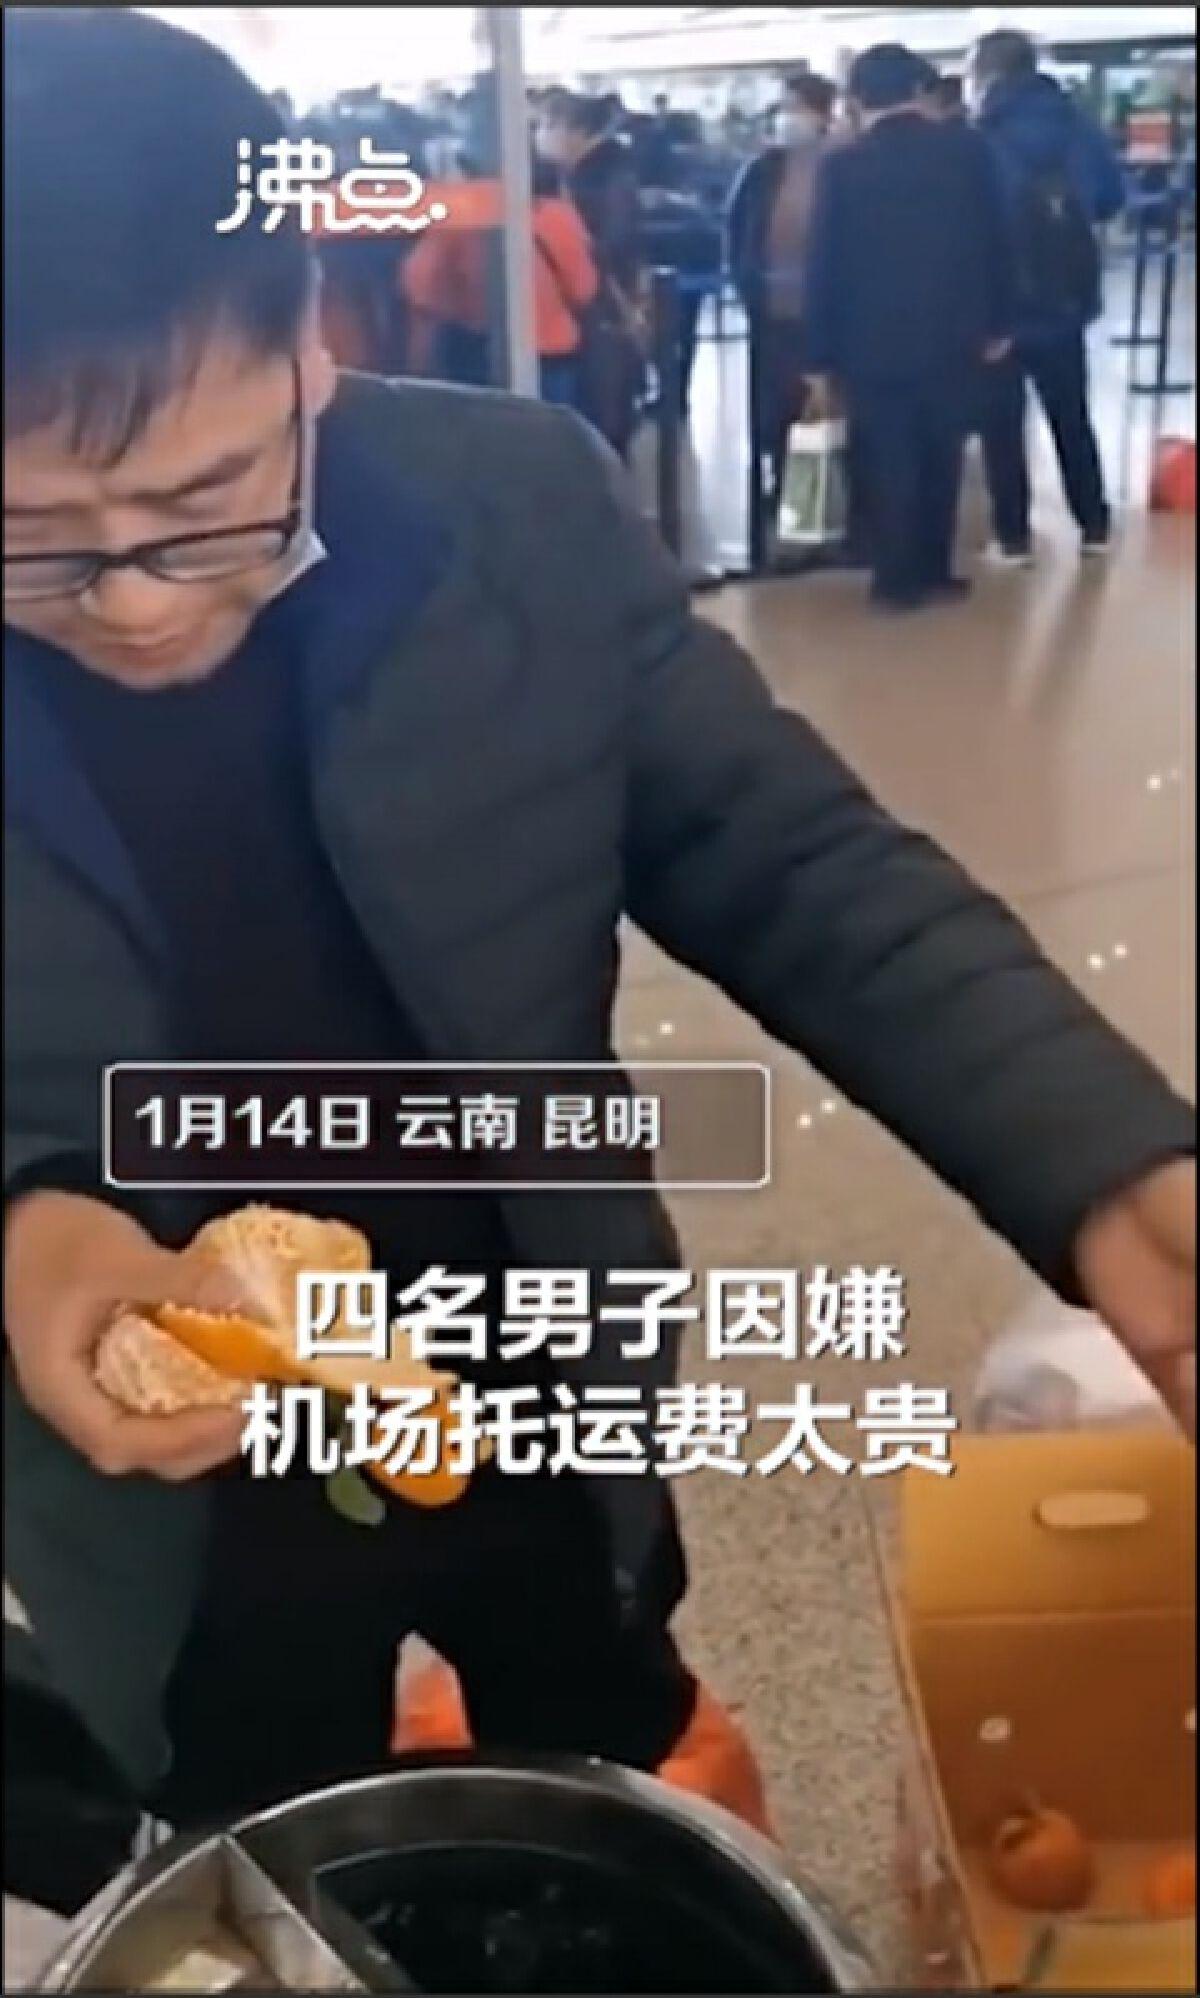 Các vị khách ăn cam ngay tại sân bay được chụp lại. Ảnh: Sina